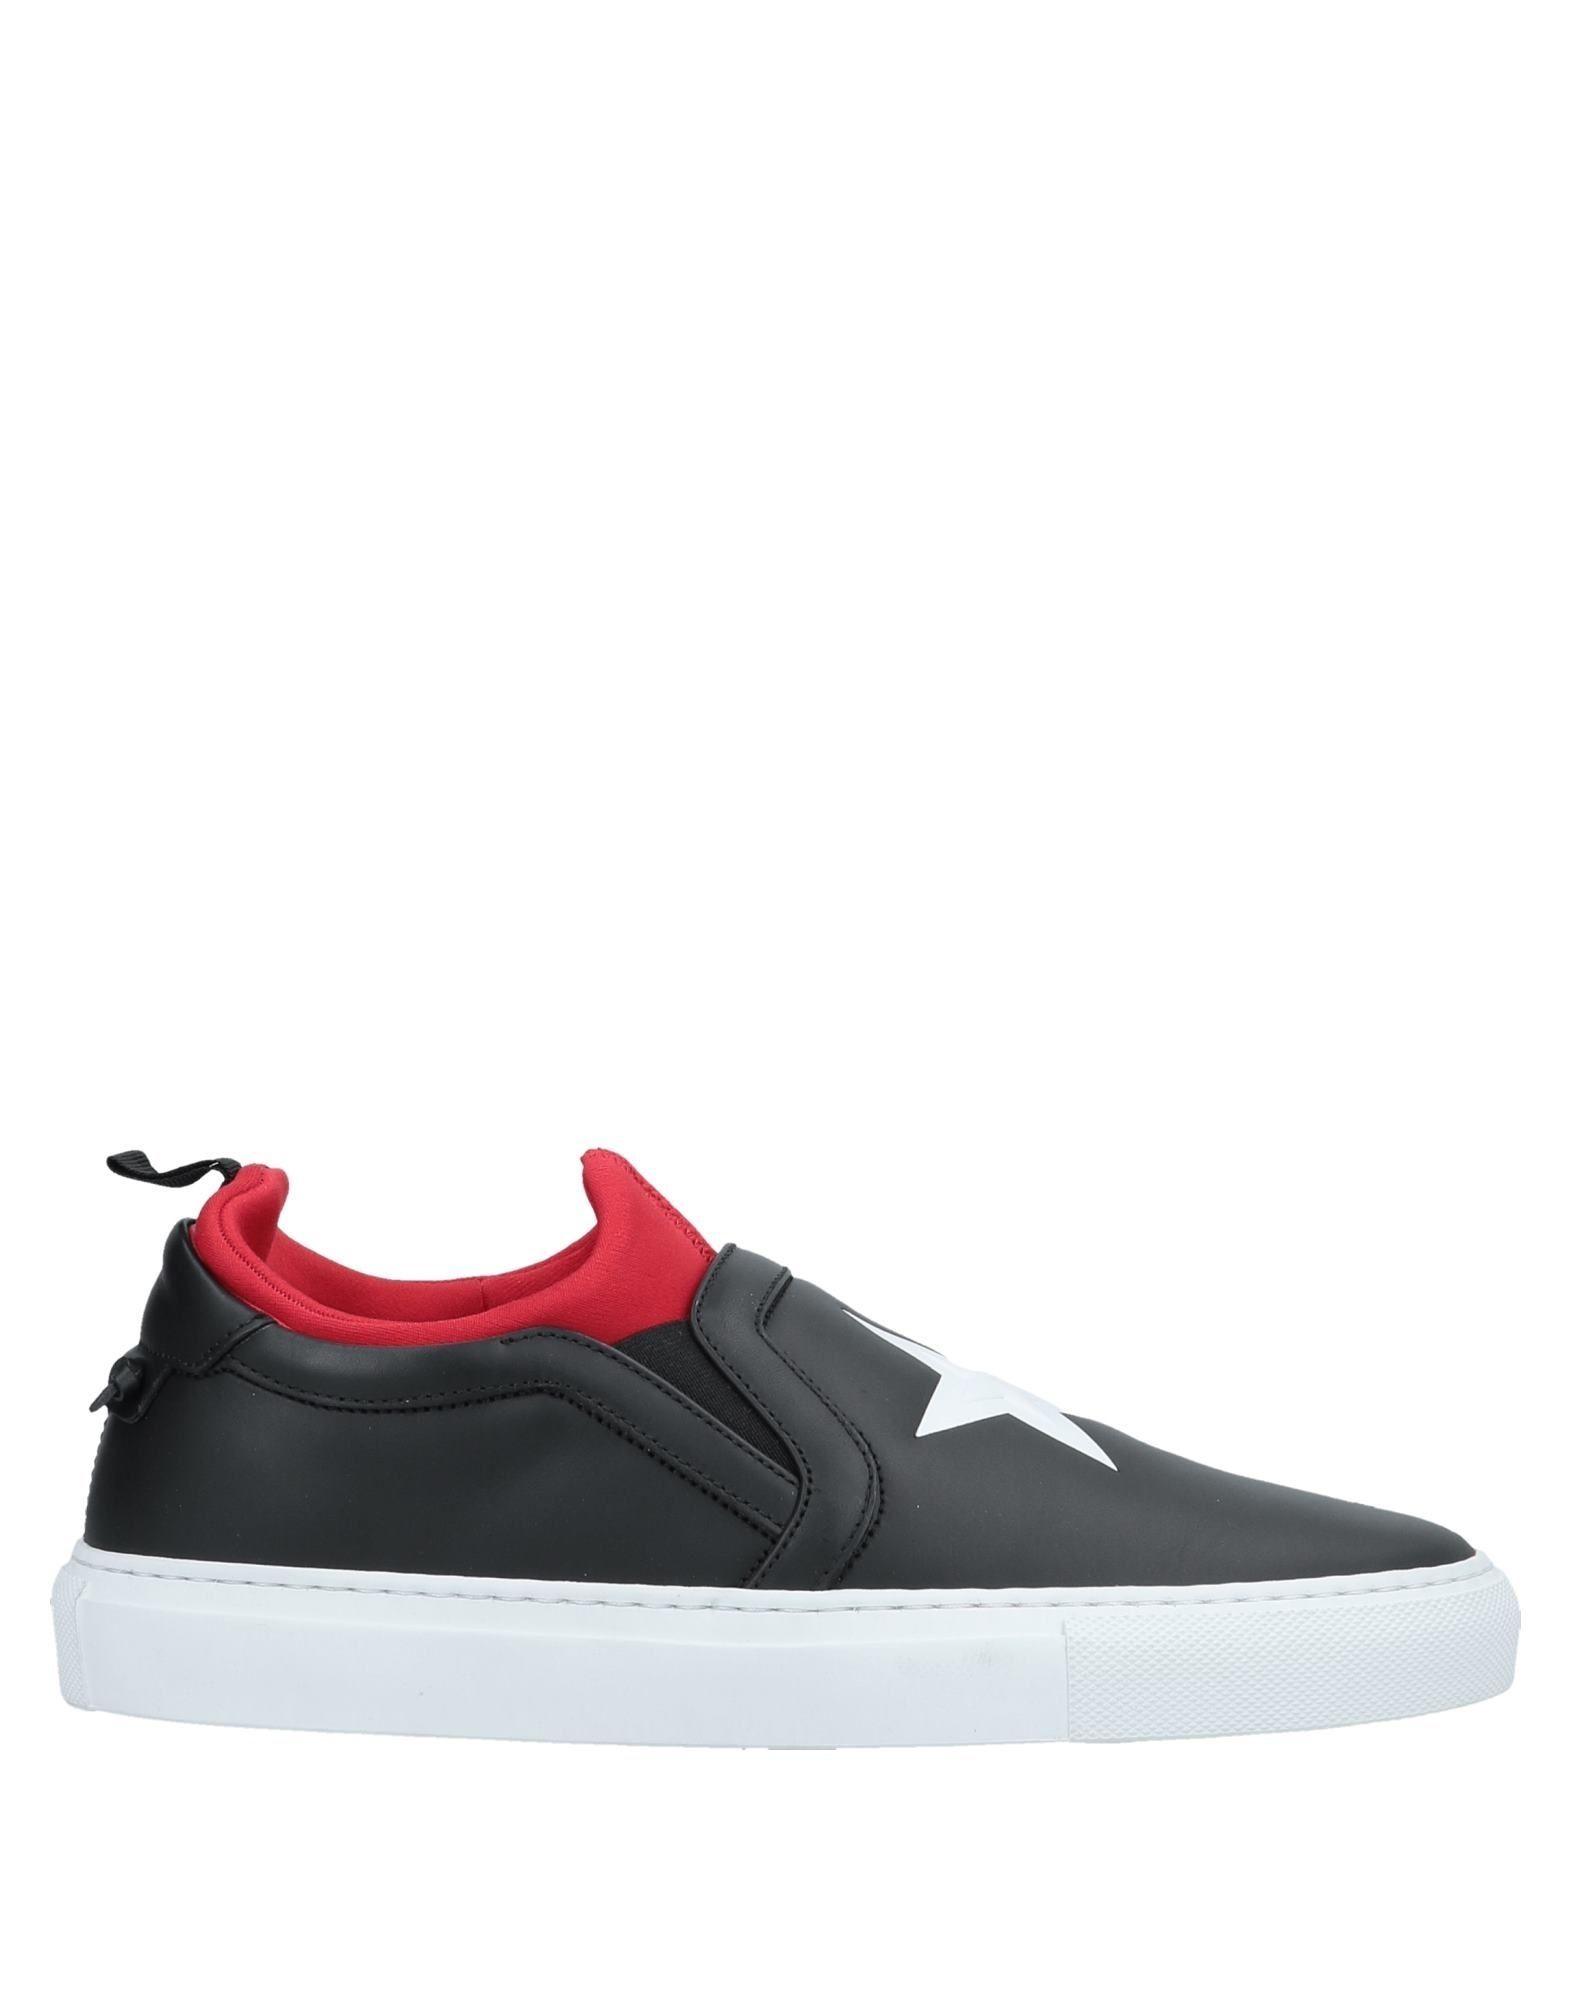 935271e51f0 #givenchy #shoes Givenchy Sneakers, Givenchy Man, Balenciaga, Balenciaga